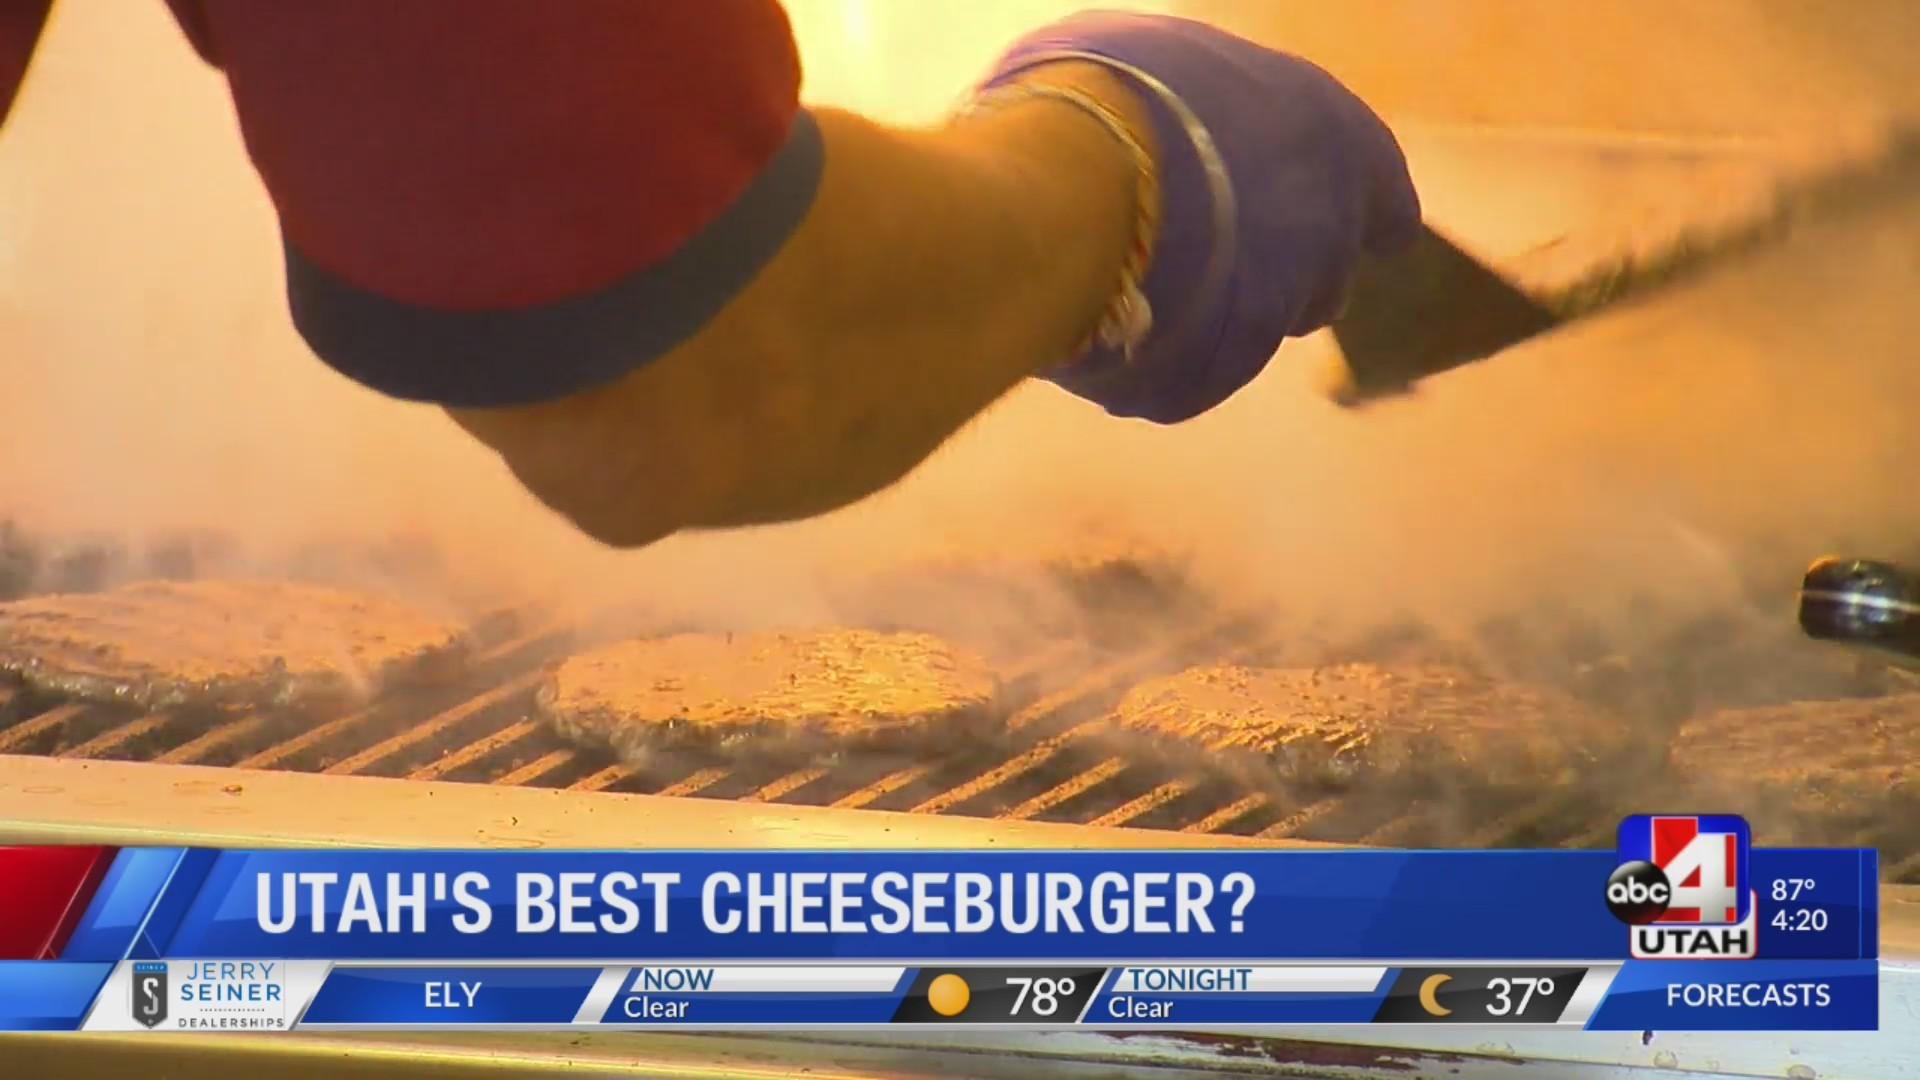 Utah's Best Cheesburger?